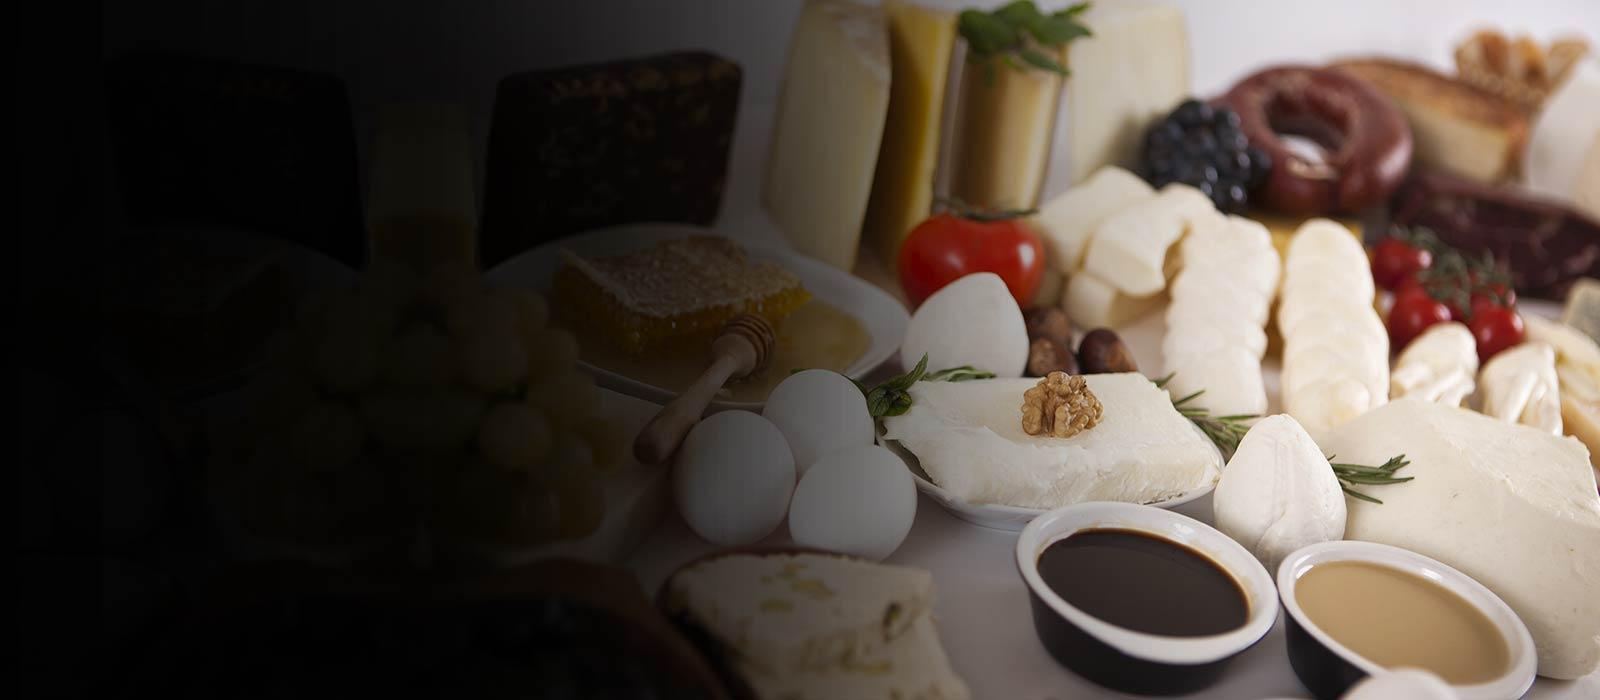 Yöresel ve Organik Taptaze Kahvaltılık Ürünler